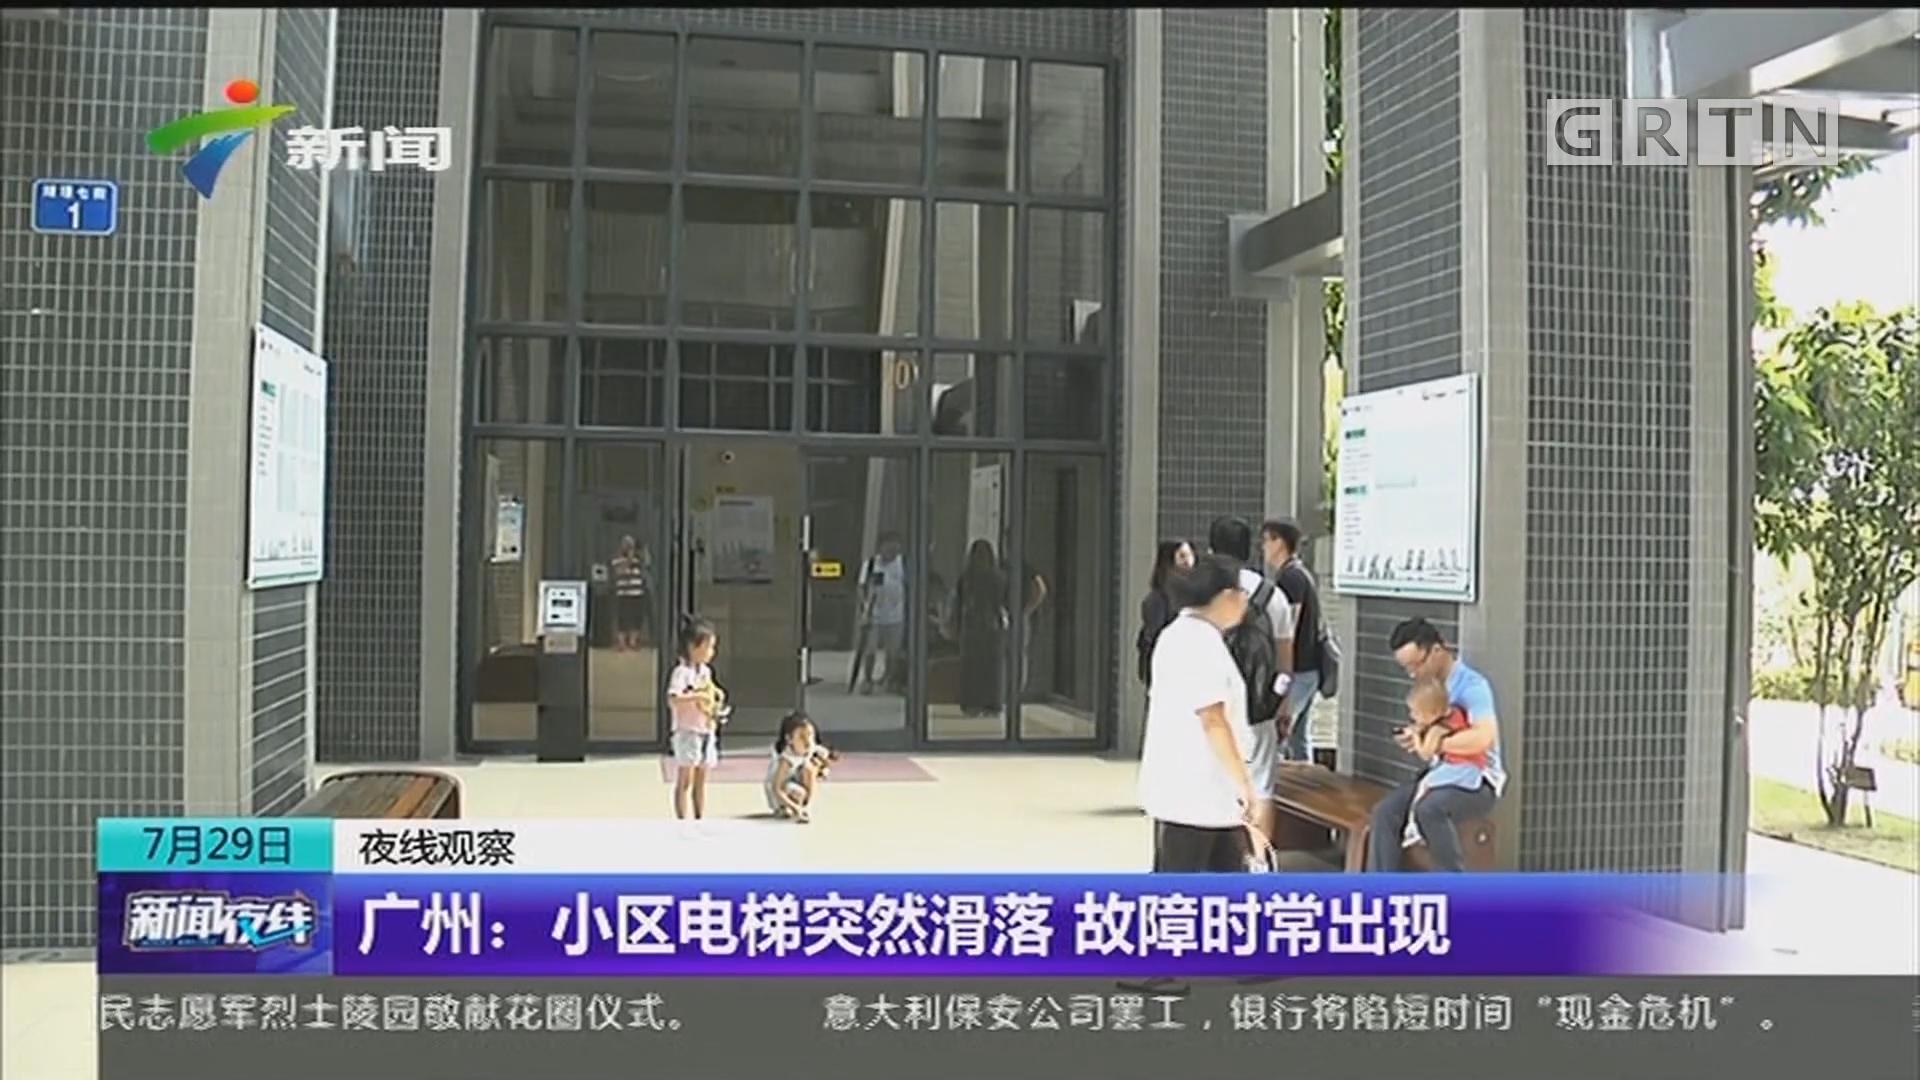 广州:小区电梯突然滑落 故障时常出现